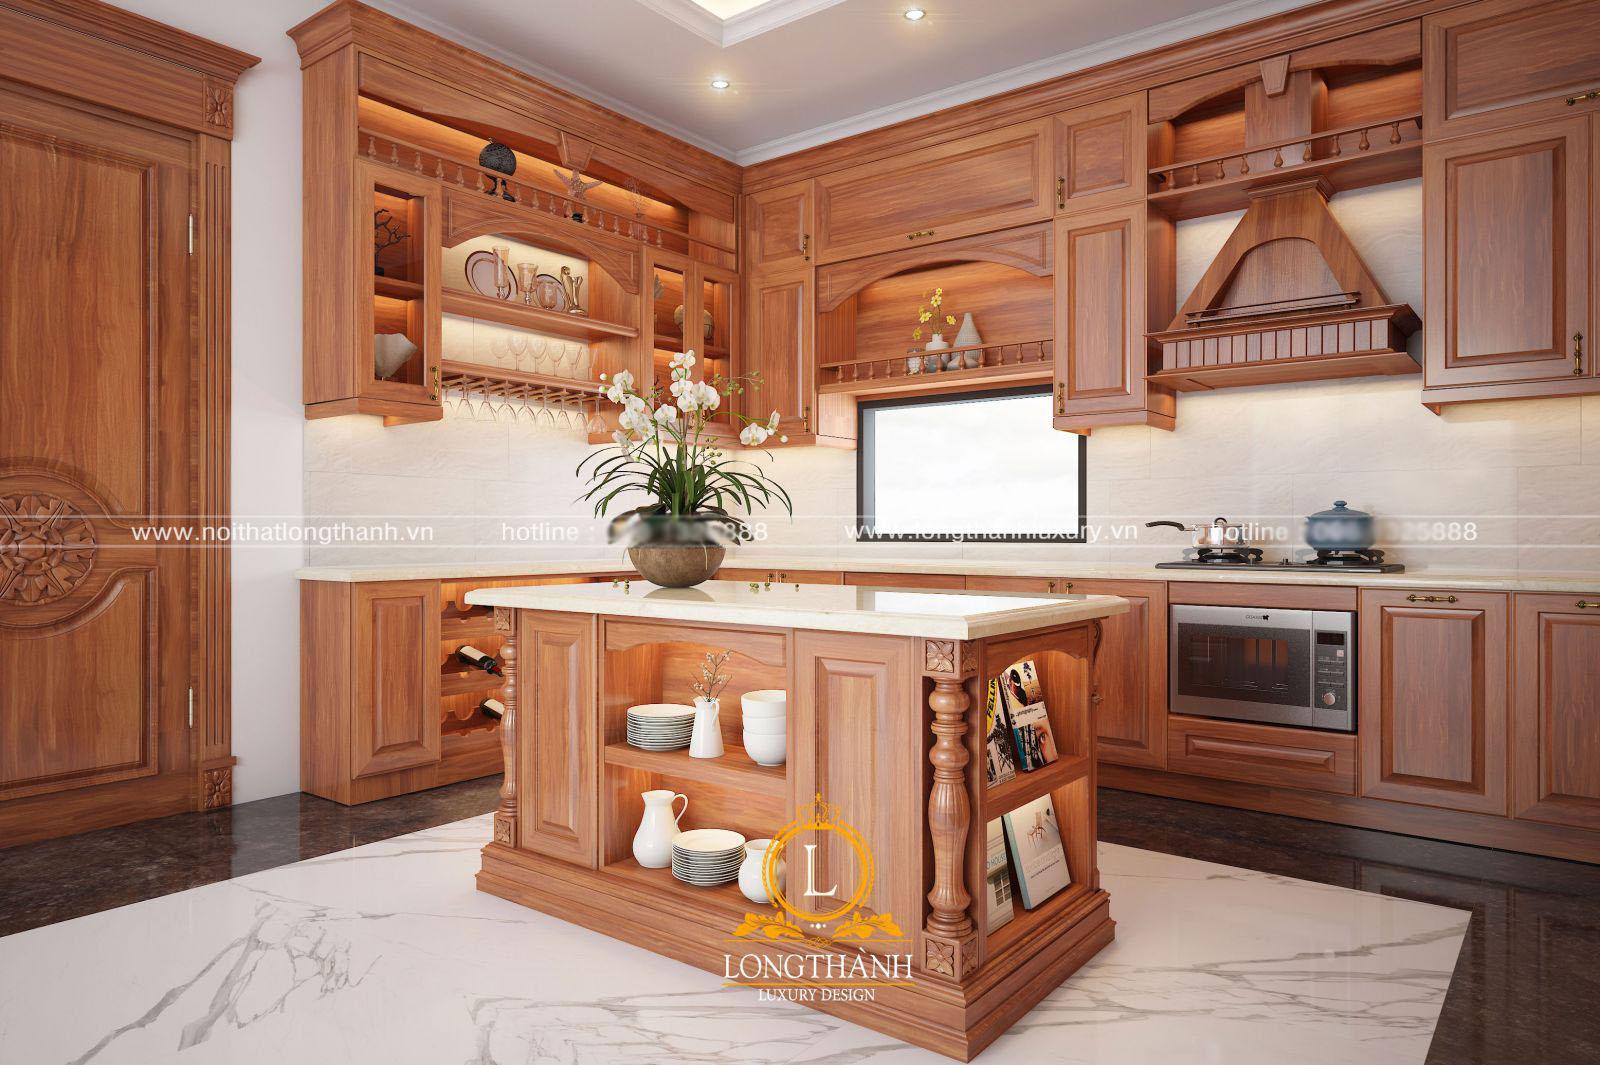 Mẫu tủ bếp tân cổ điển gỗ sồi sơn đỏ cho lựa chọn hợp phong thủy